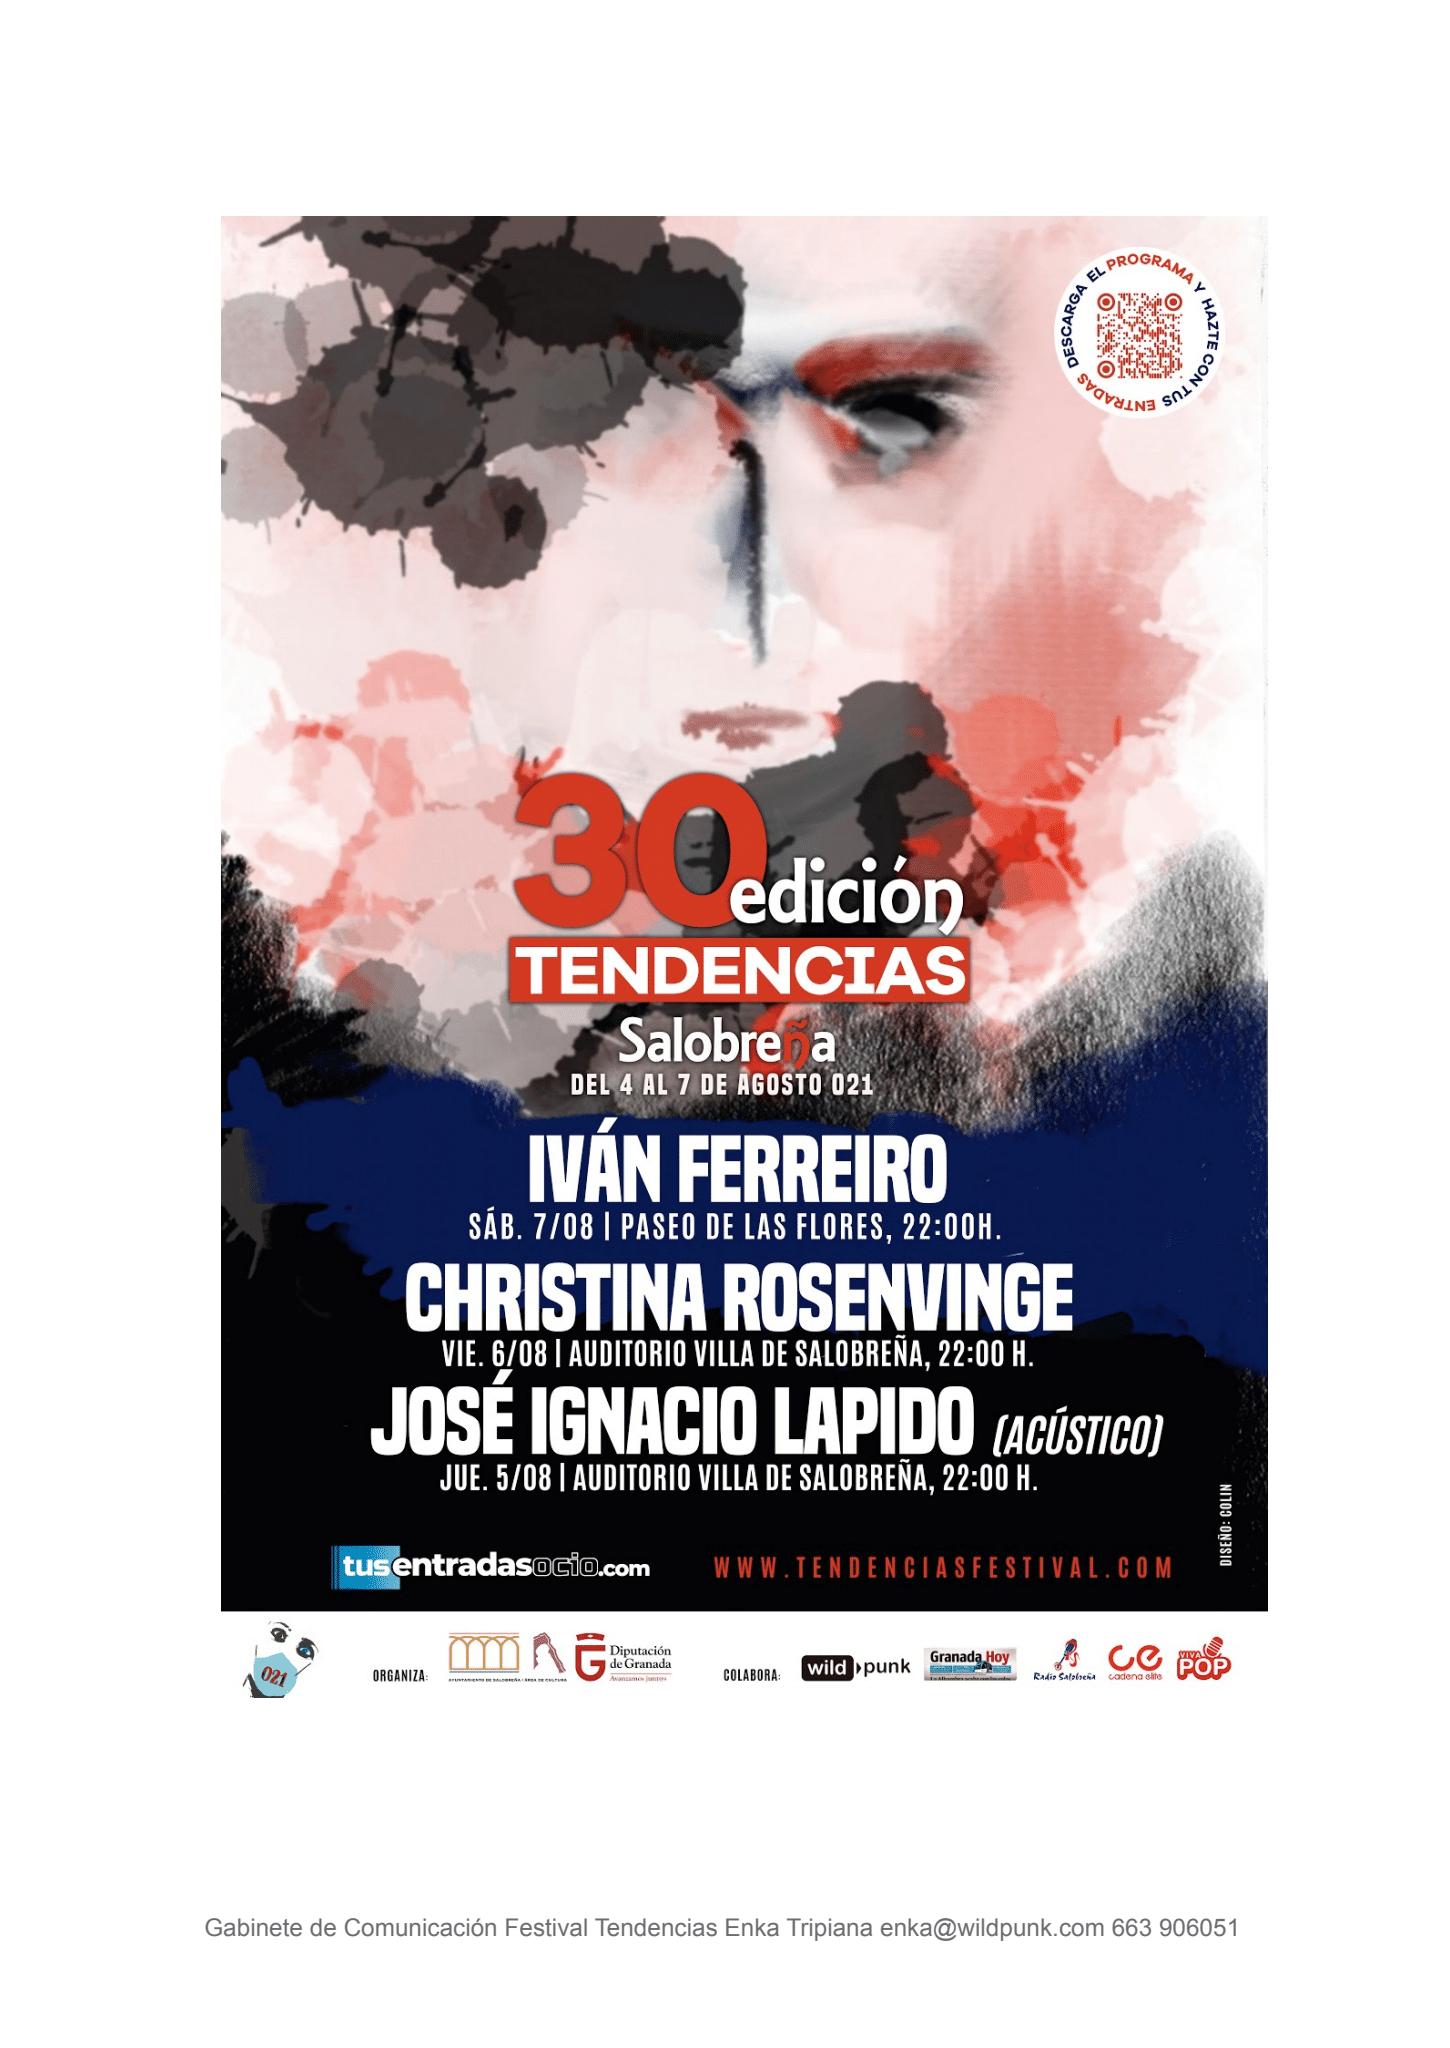 Ivan Ferreiro, Lapido y Cristina Rosenvinge este año en el Tendencias de Salobreña